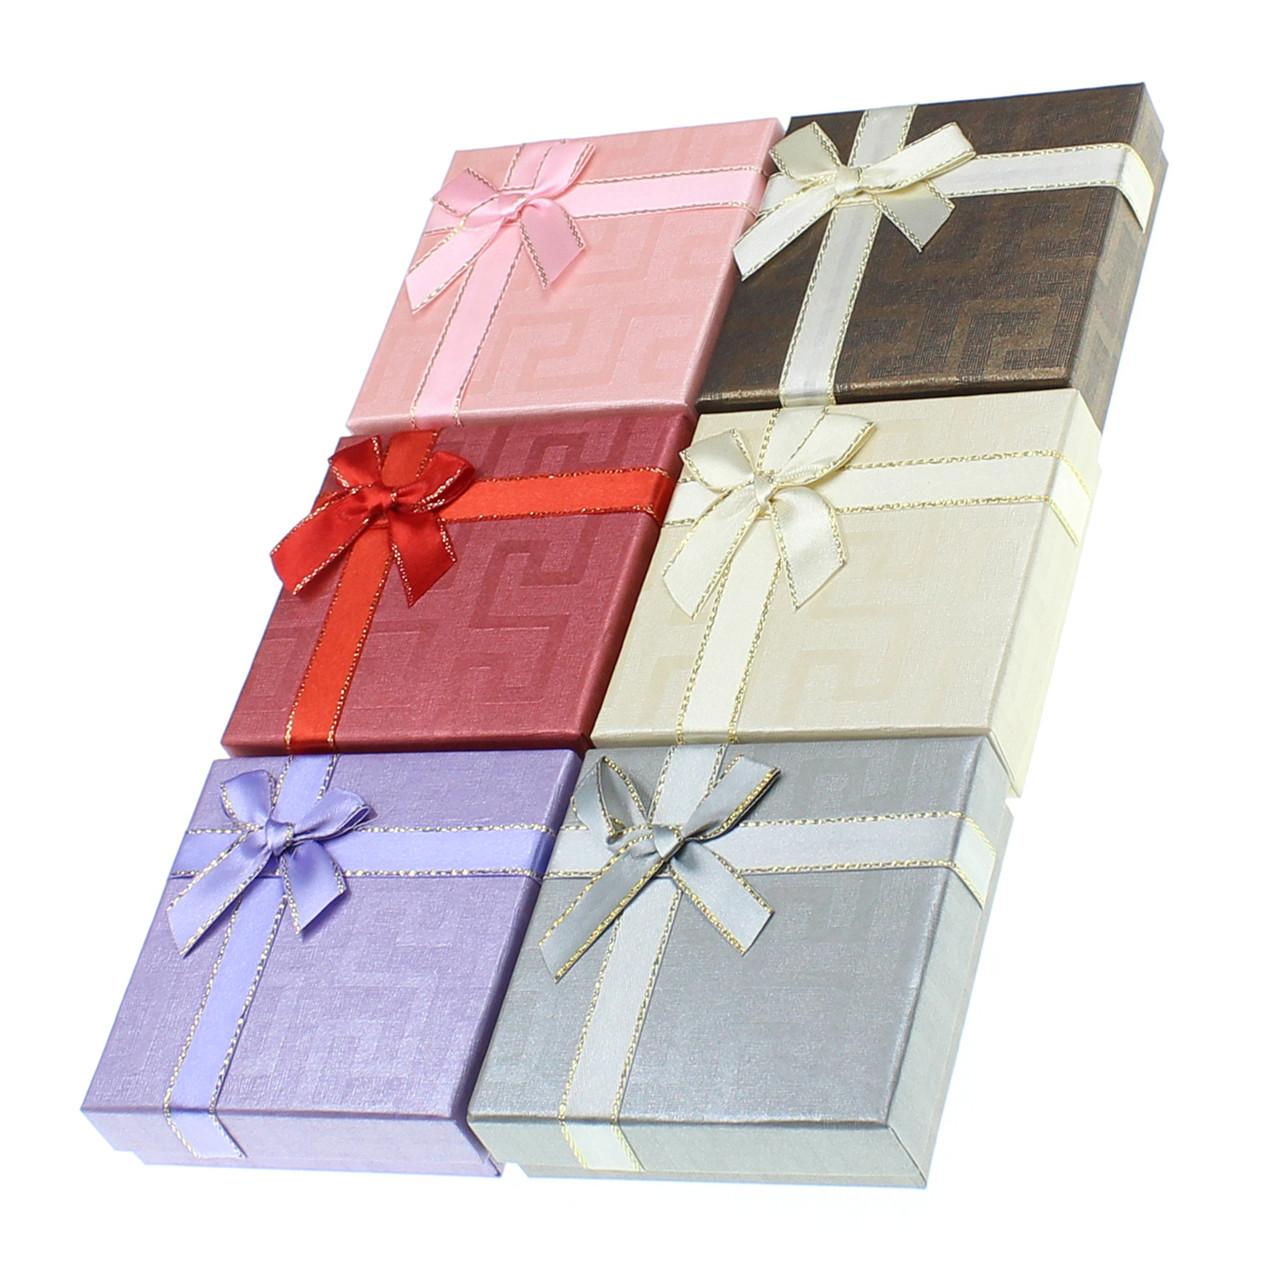 Подарочная коробочка под набор Геометрия с бантом 9х9х2,5 см, микс цветов